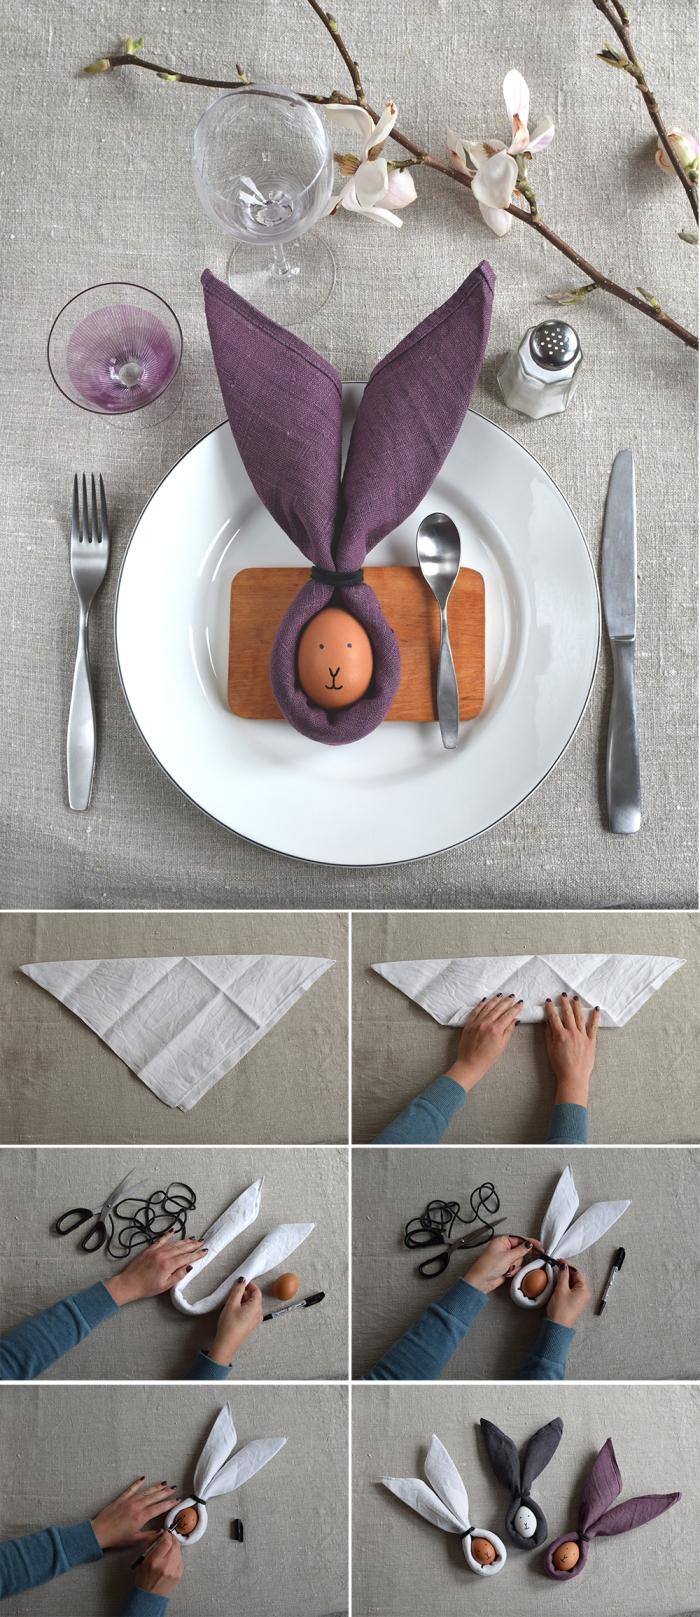 une manière simple de réaliser un pliage d'un lapin paques, nouer une serviette autour d'un oeuf pour réaliser un pliage en forme de tête de lapin